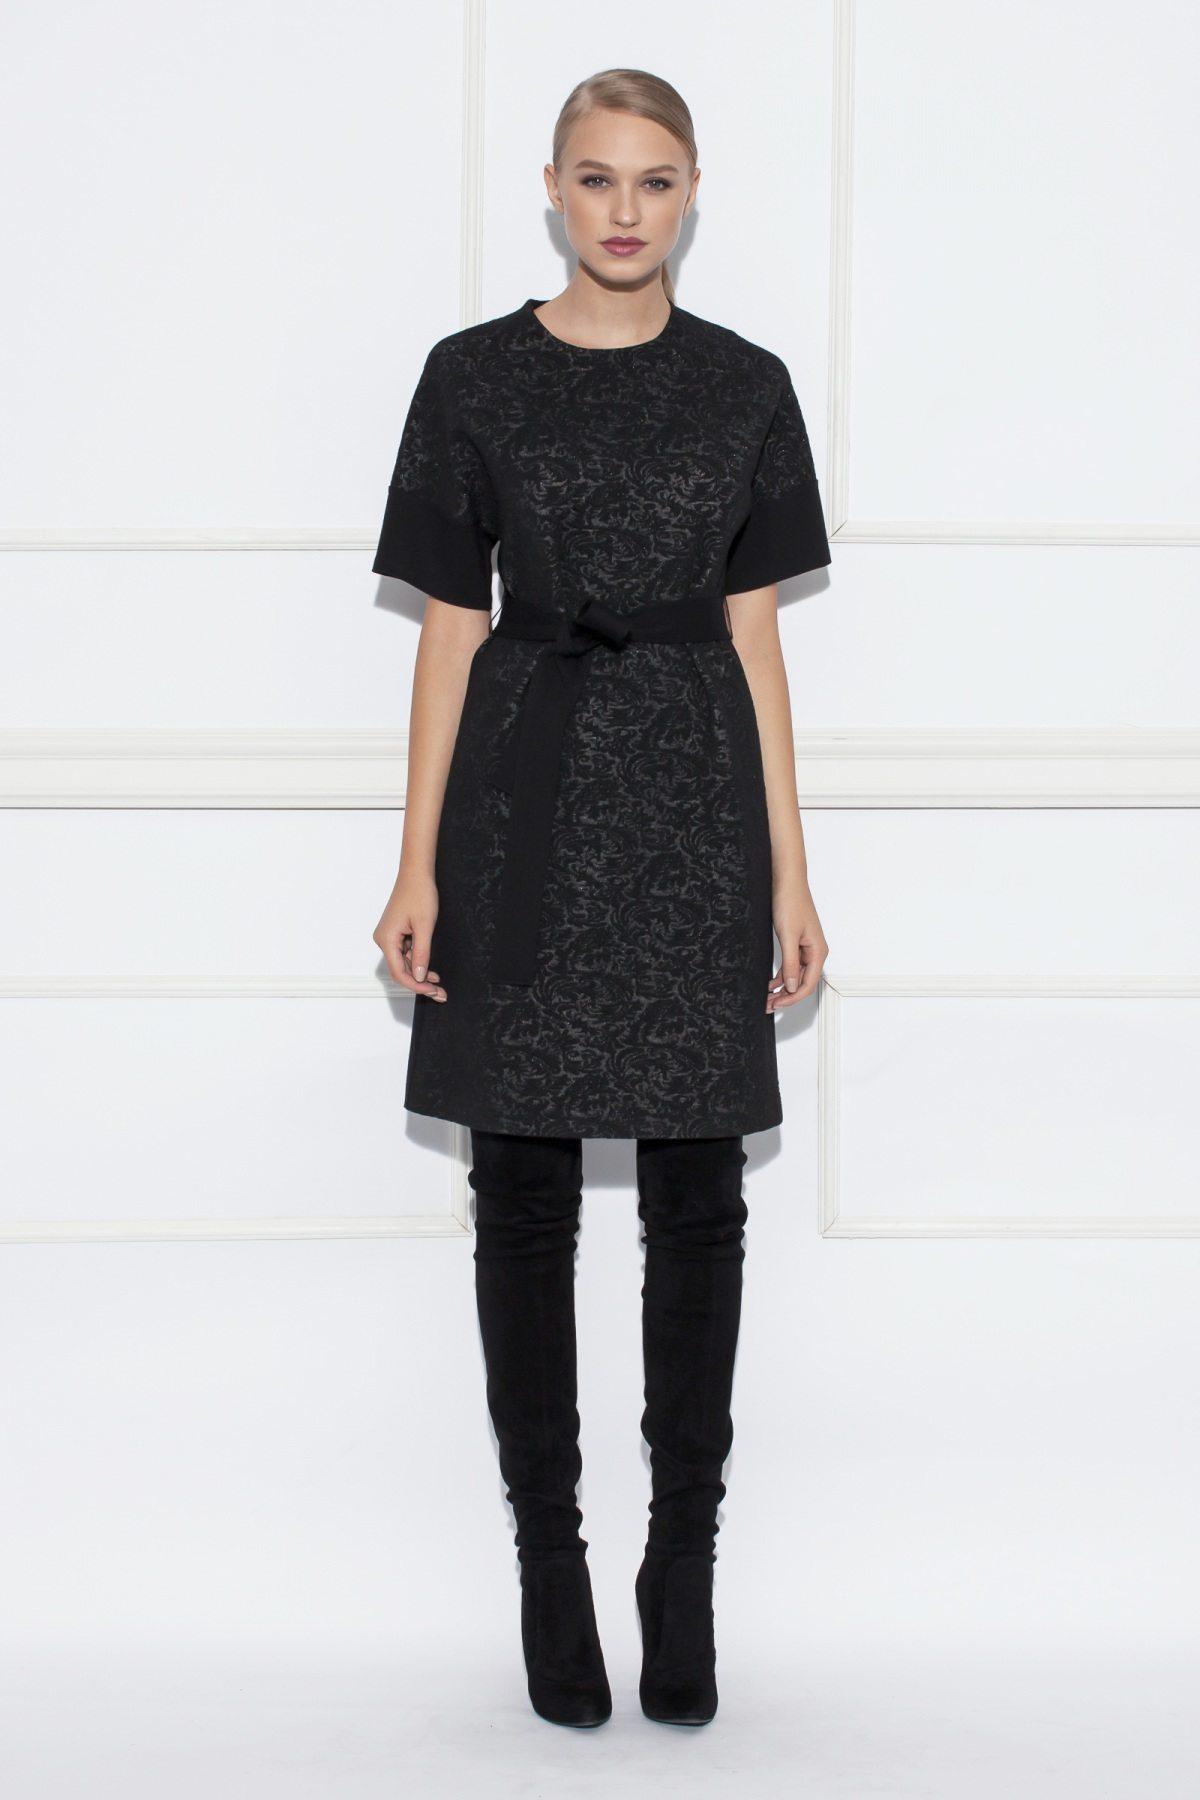 Rochie din brocart cu cordon in talie Negru